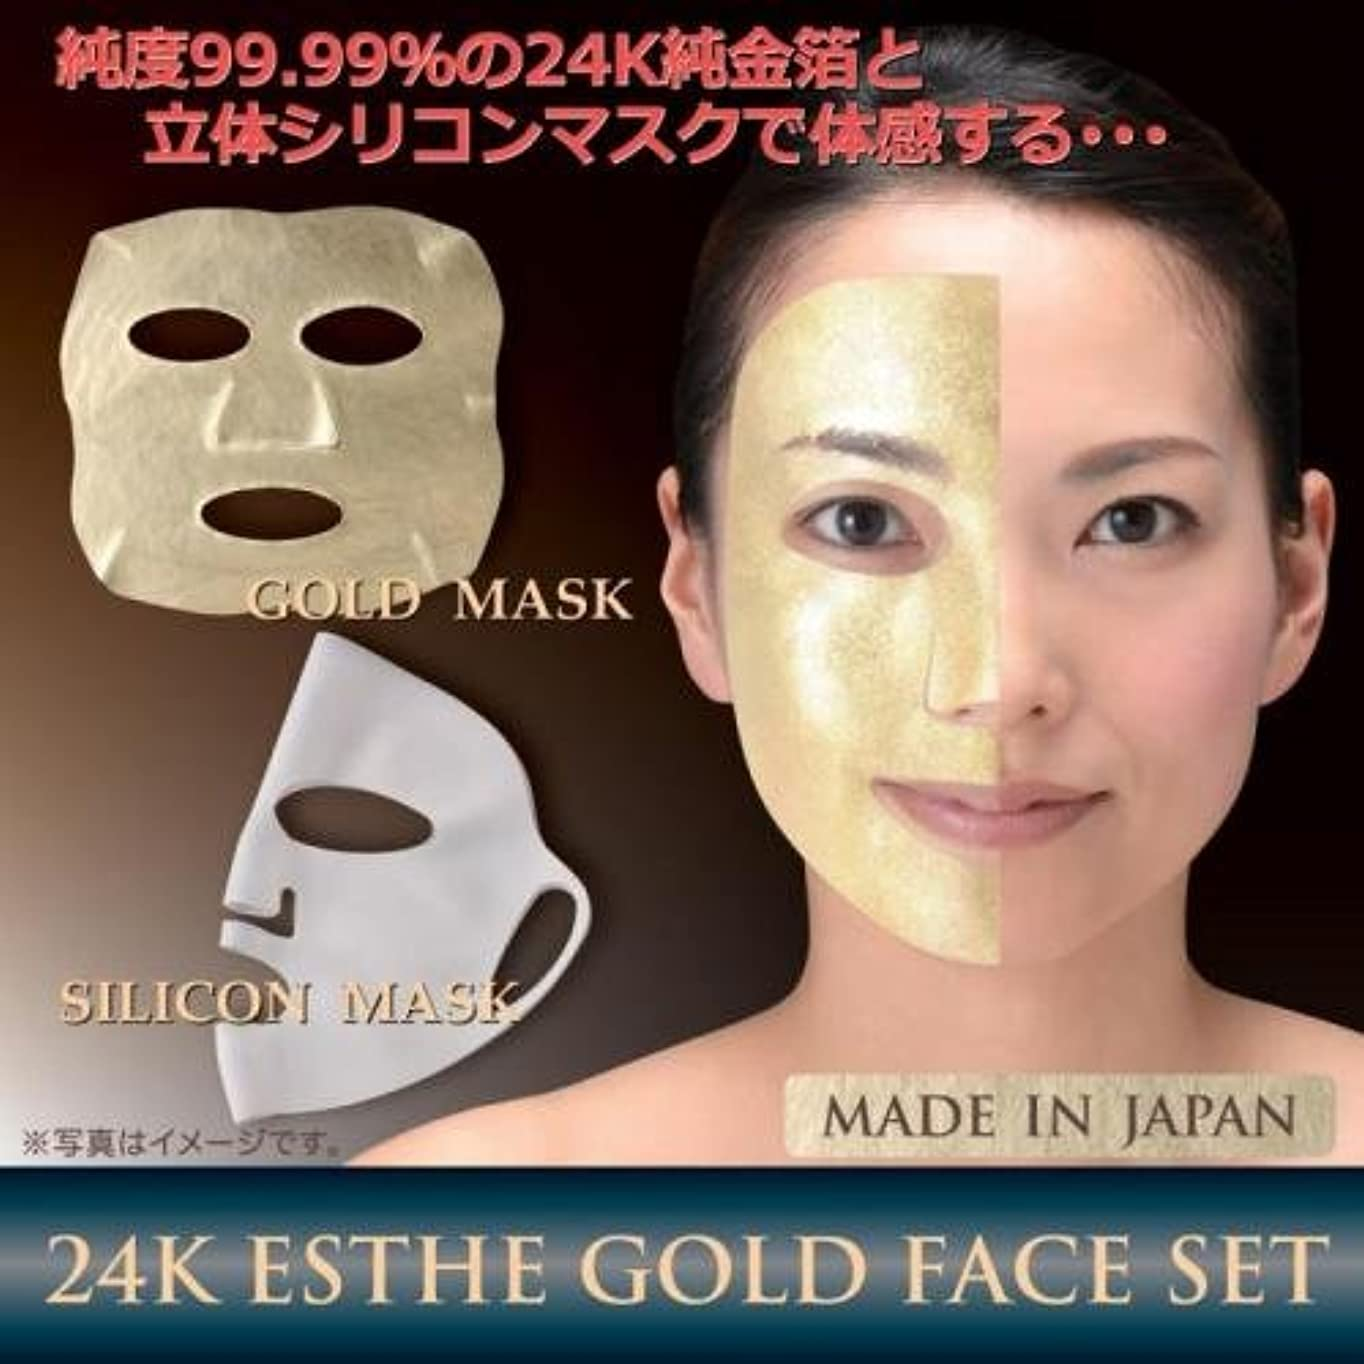 後藤 24K エステゴールドフェイス セット 金箔マスク×1、シリコンマスク×1